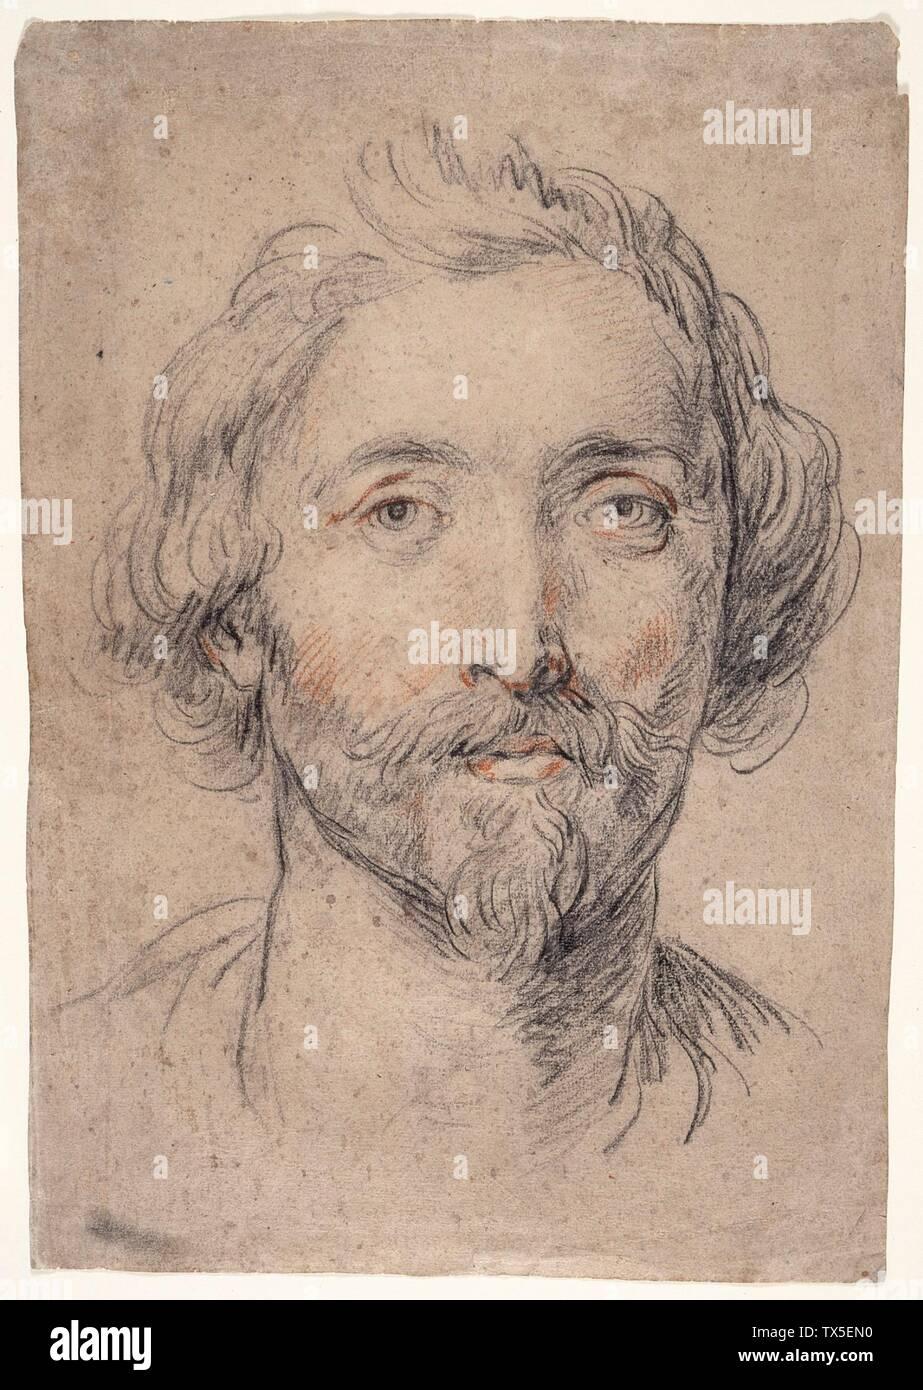 """""""Tête d'un homme [Nicholas Lanier?]; Anglais: Italie, circa 1625-1630 dessins de craie rouge et noir sur les feuilles de papier gris: 16 1/2 x 11 1/2 in. (41,91 x 29,21 cm) Don du 1993 Collectors Committee (AC1993.21.1) Estampes et dessins; entre vers 1625 et vers 1630 QS date:P571,+1650-00-00T00:00:00Z/7,P1319,+1625-00-00T00:00:00Z/9,P1326,+1630-00-00T00:00:00Z/9,P1480,Q5727902; ' Photo Stock"""